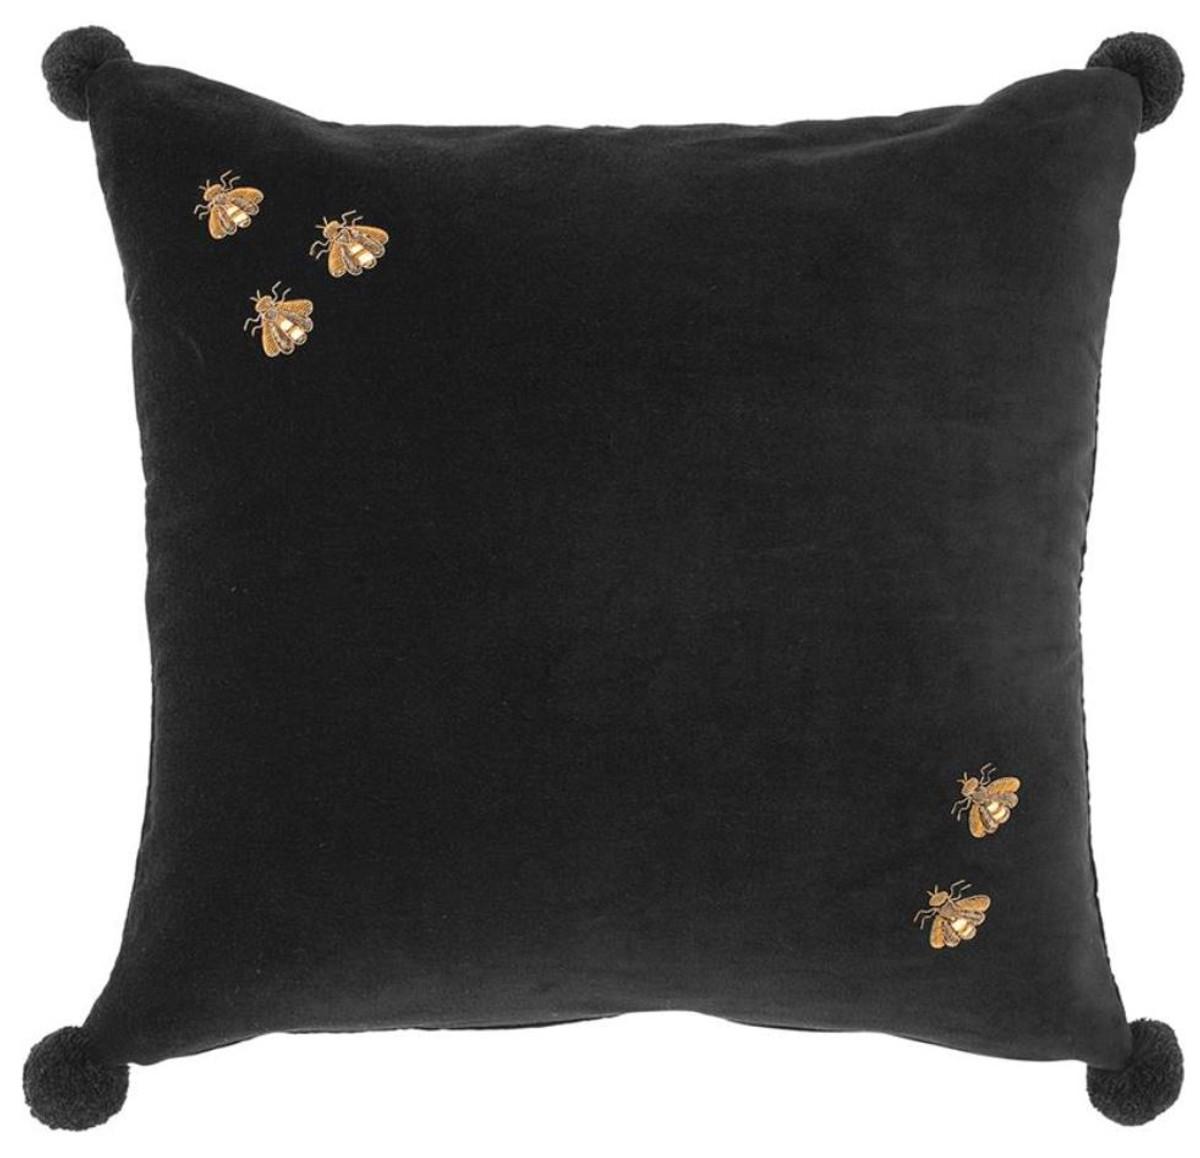 kopfkissen 50x50 bettw sche dino einrichtungsideen f r kleines schlafzimmer set ikea 155x220. Black Bedroom Furniture Sets. Home Design Ideas